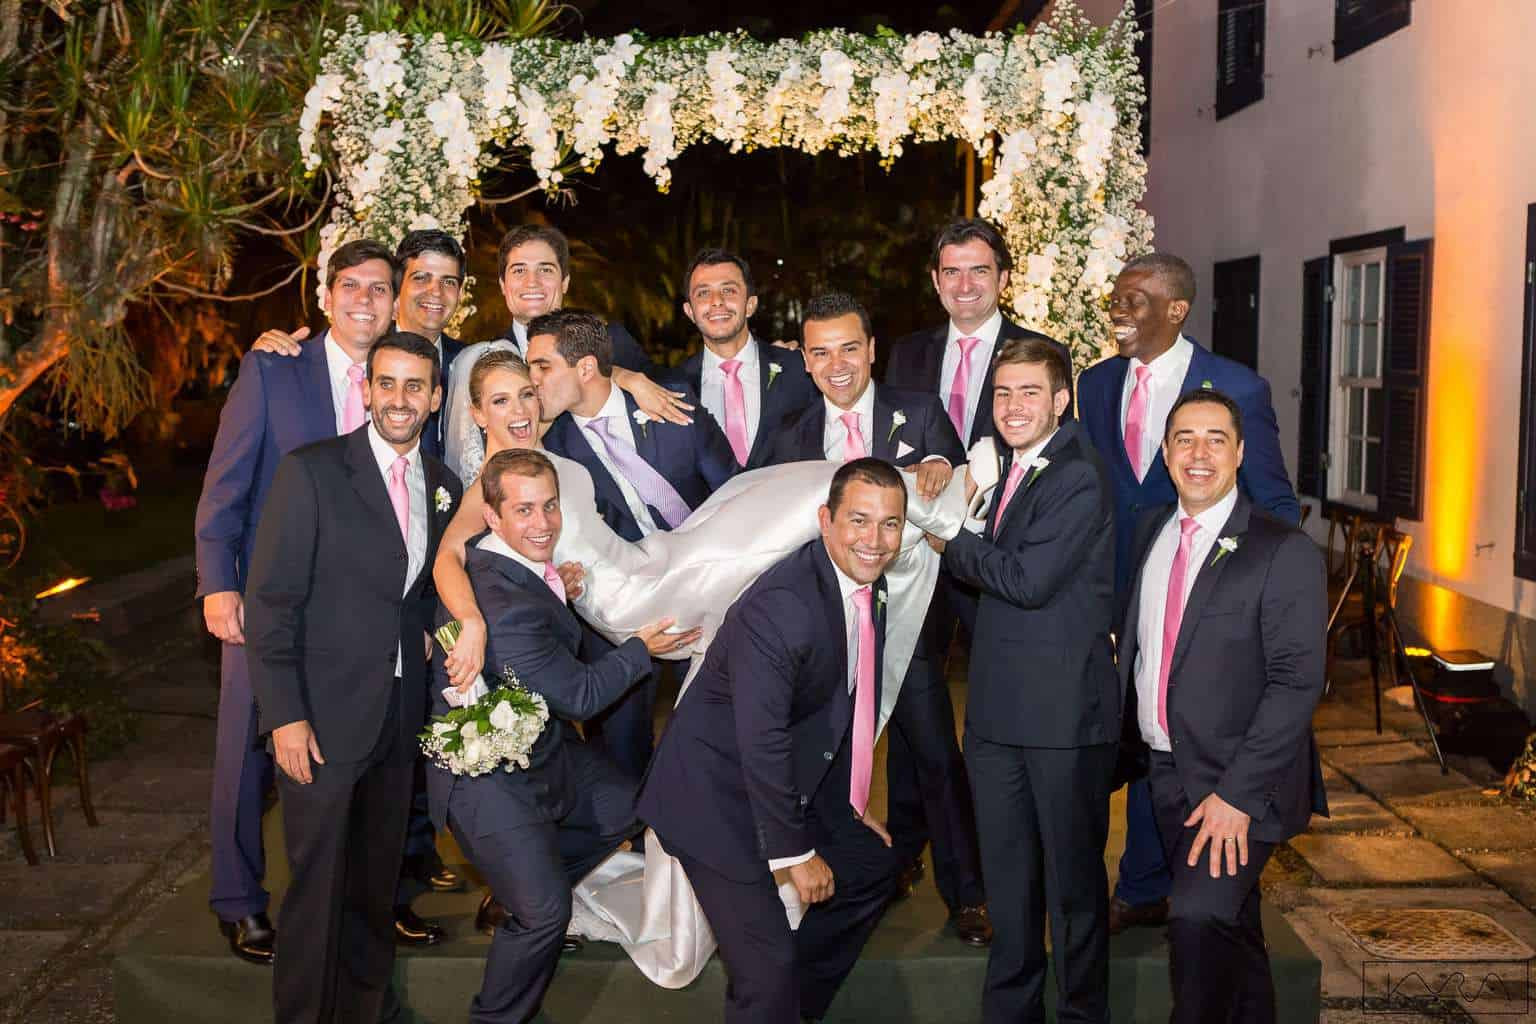 ana-carolina-e-bernardo-Anna-Carolina-Werneck-beleza-da-noiva-casamento-tradicional-Gavea-Golf-Club-Kyra-Mirsky-making-of-mini-wedding-padrinhos-verde-e-rosa-casamento-75